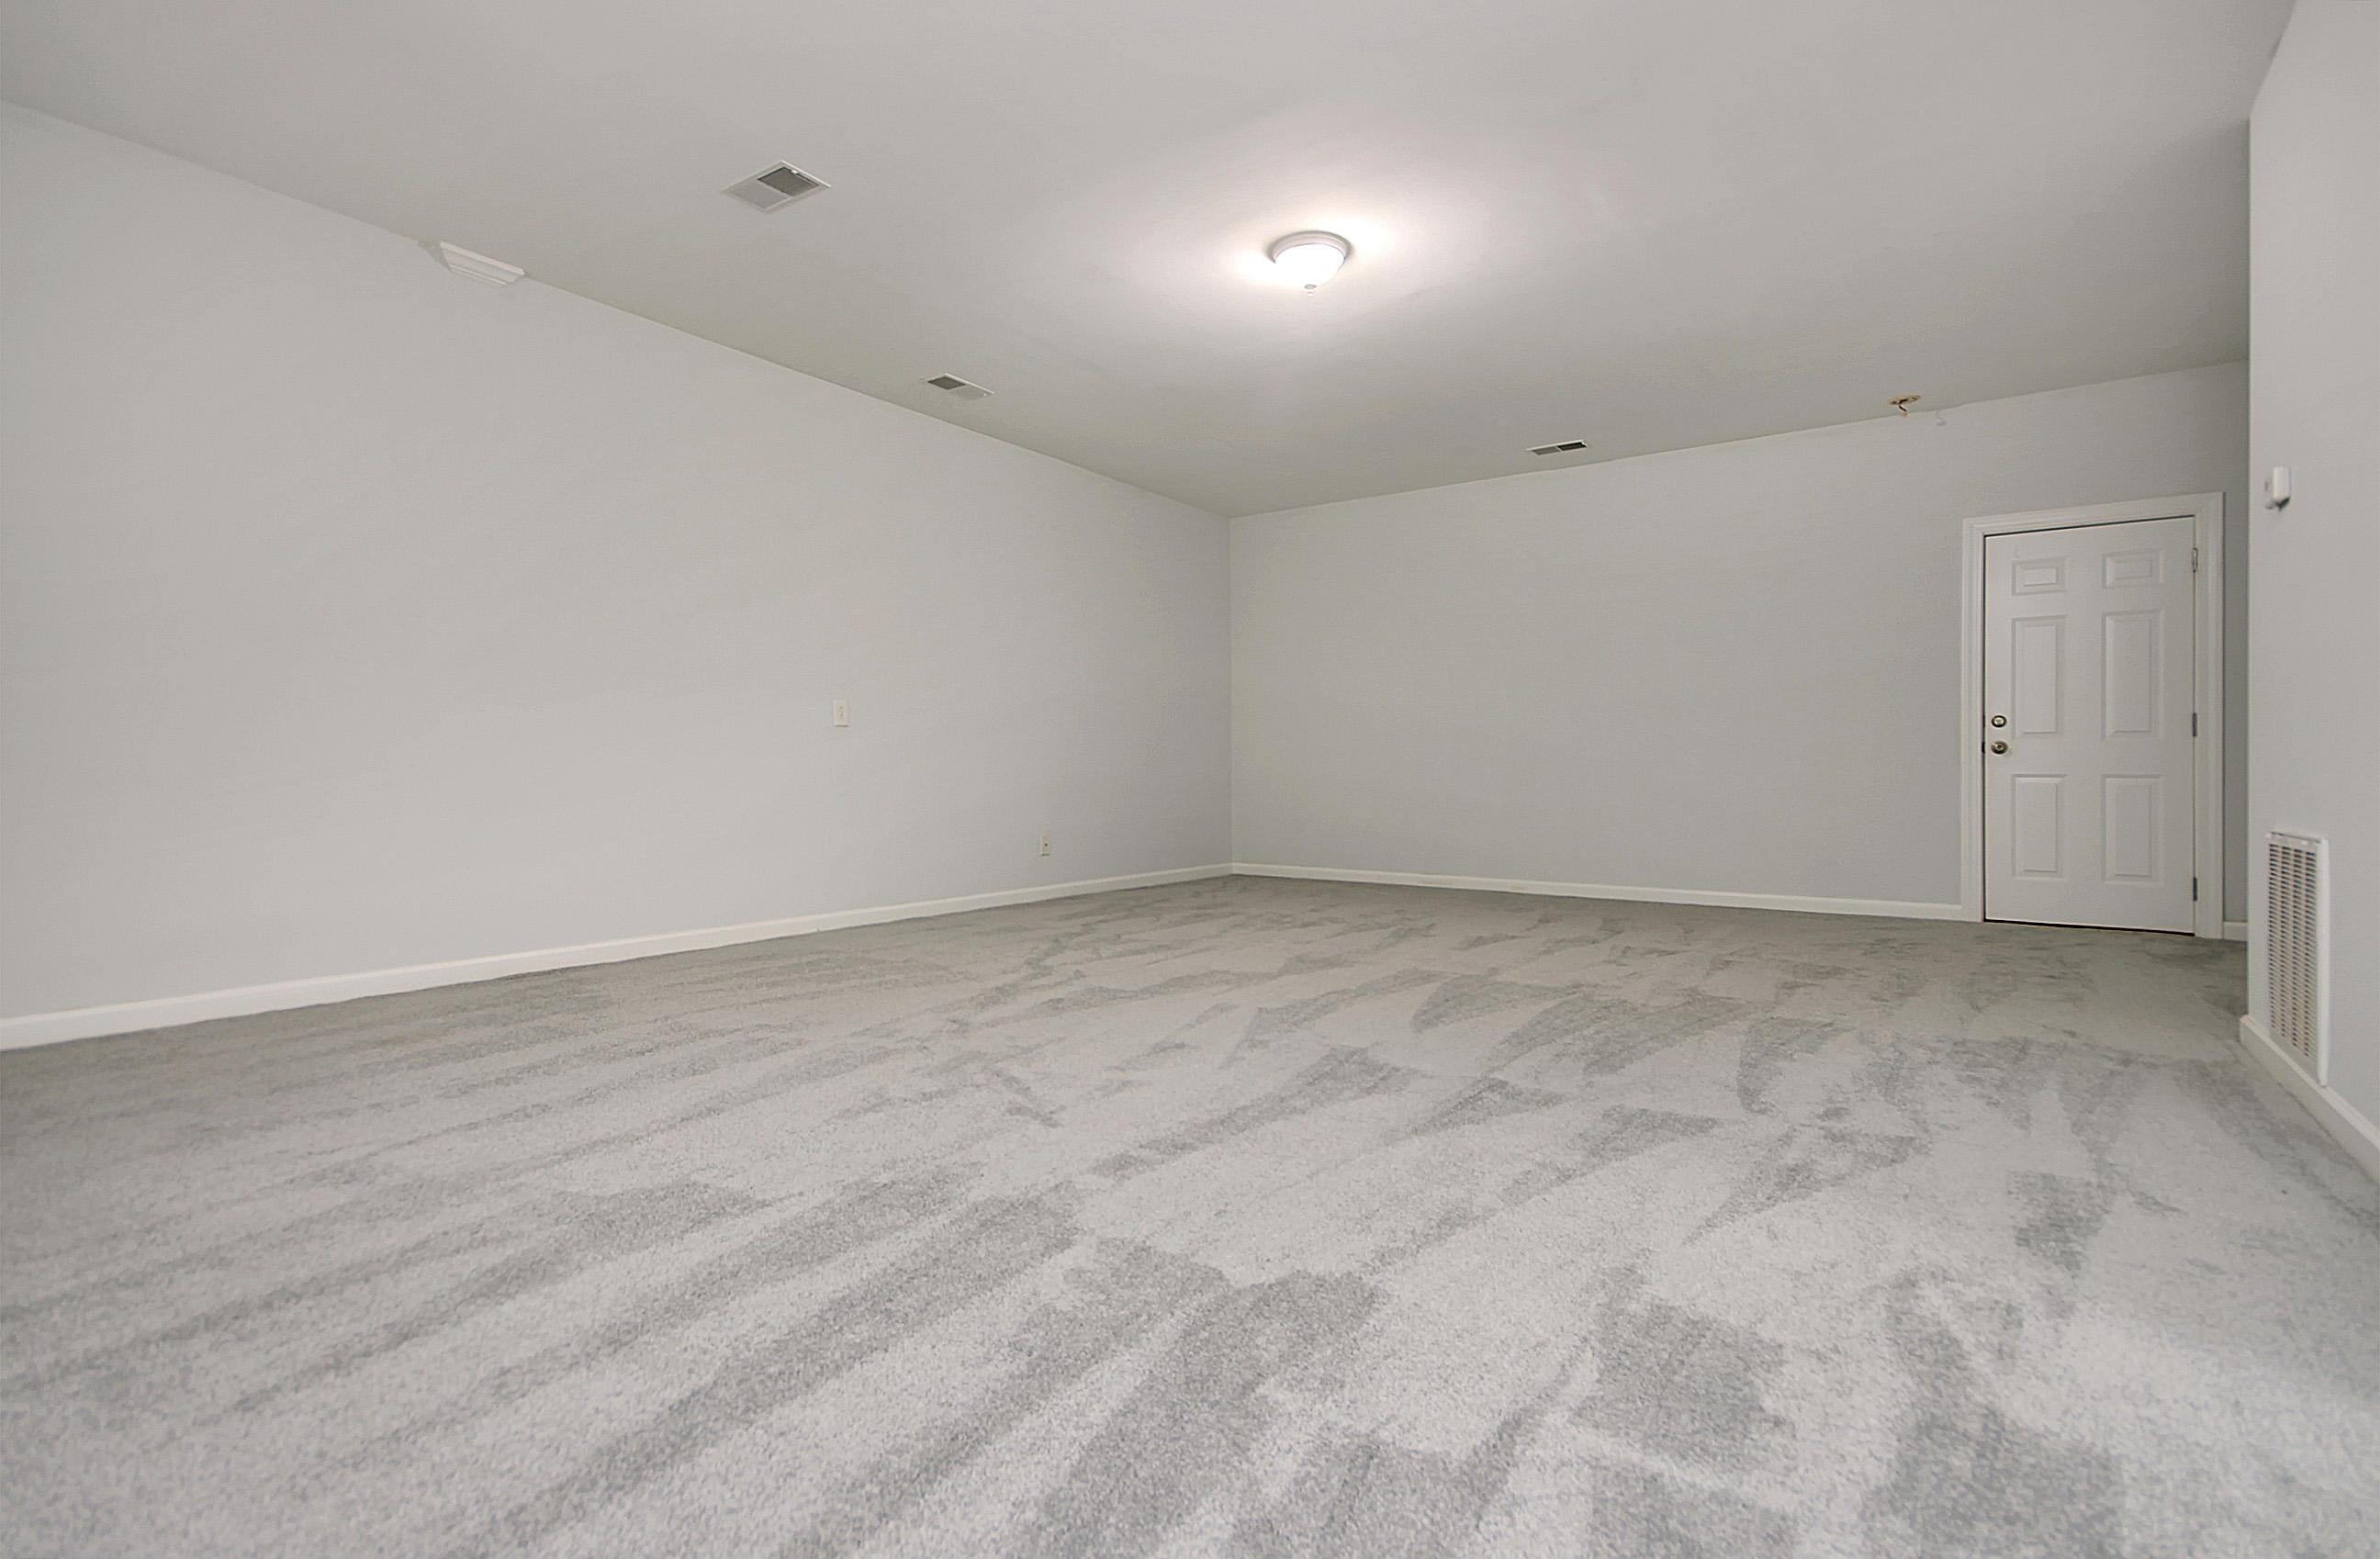 Dunes West Homes For Sale - 148 Palm Cove, Mount Pleasant, SC - 5